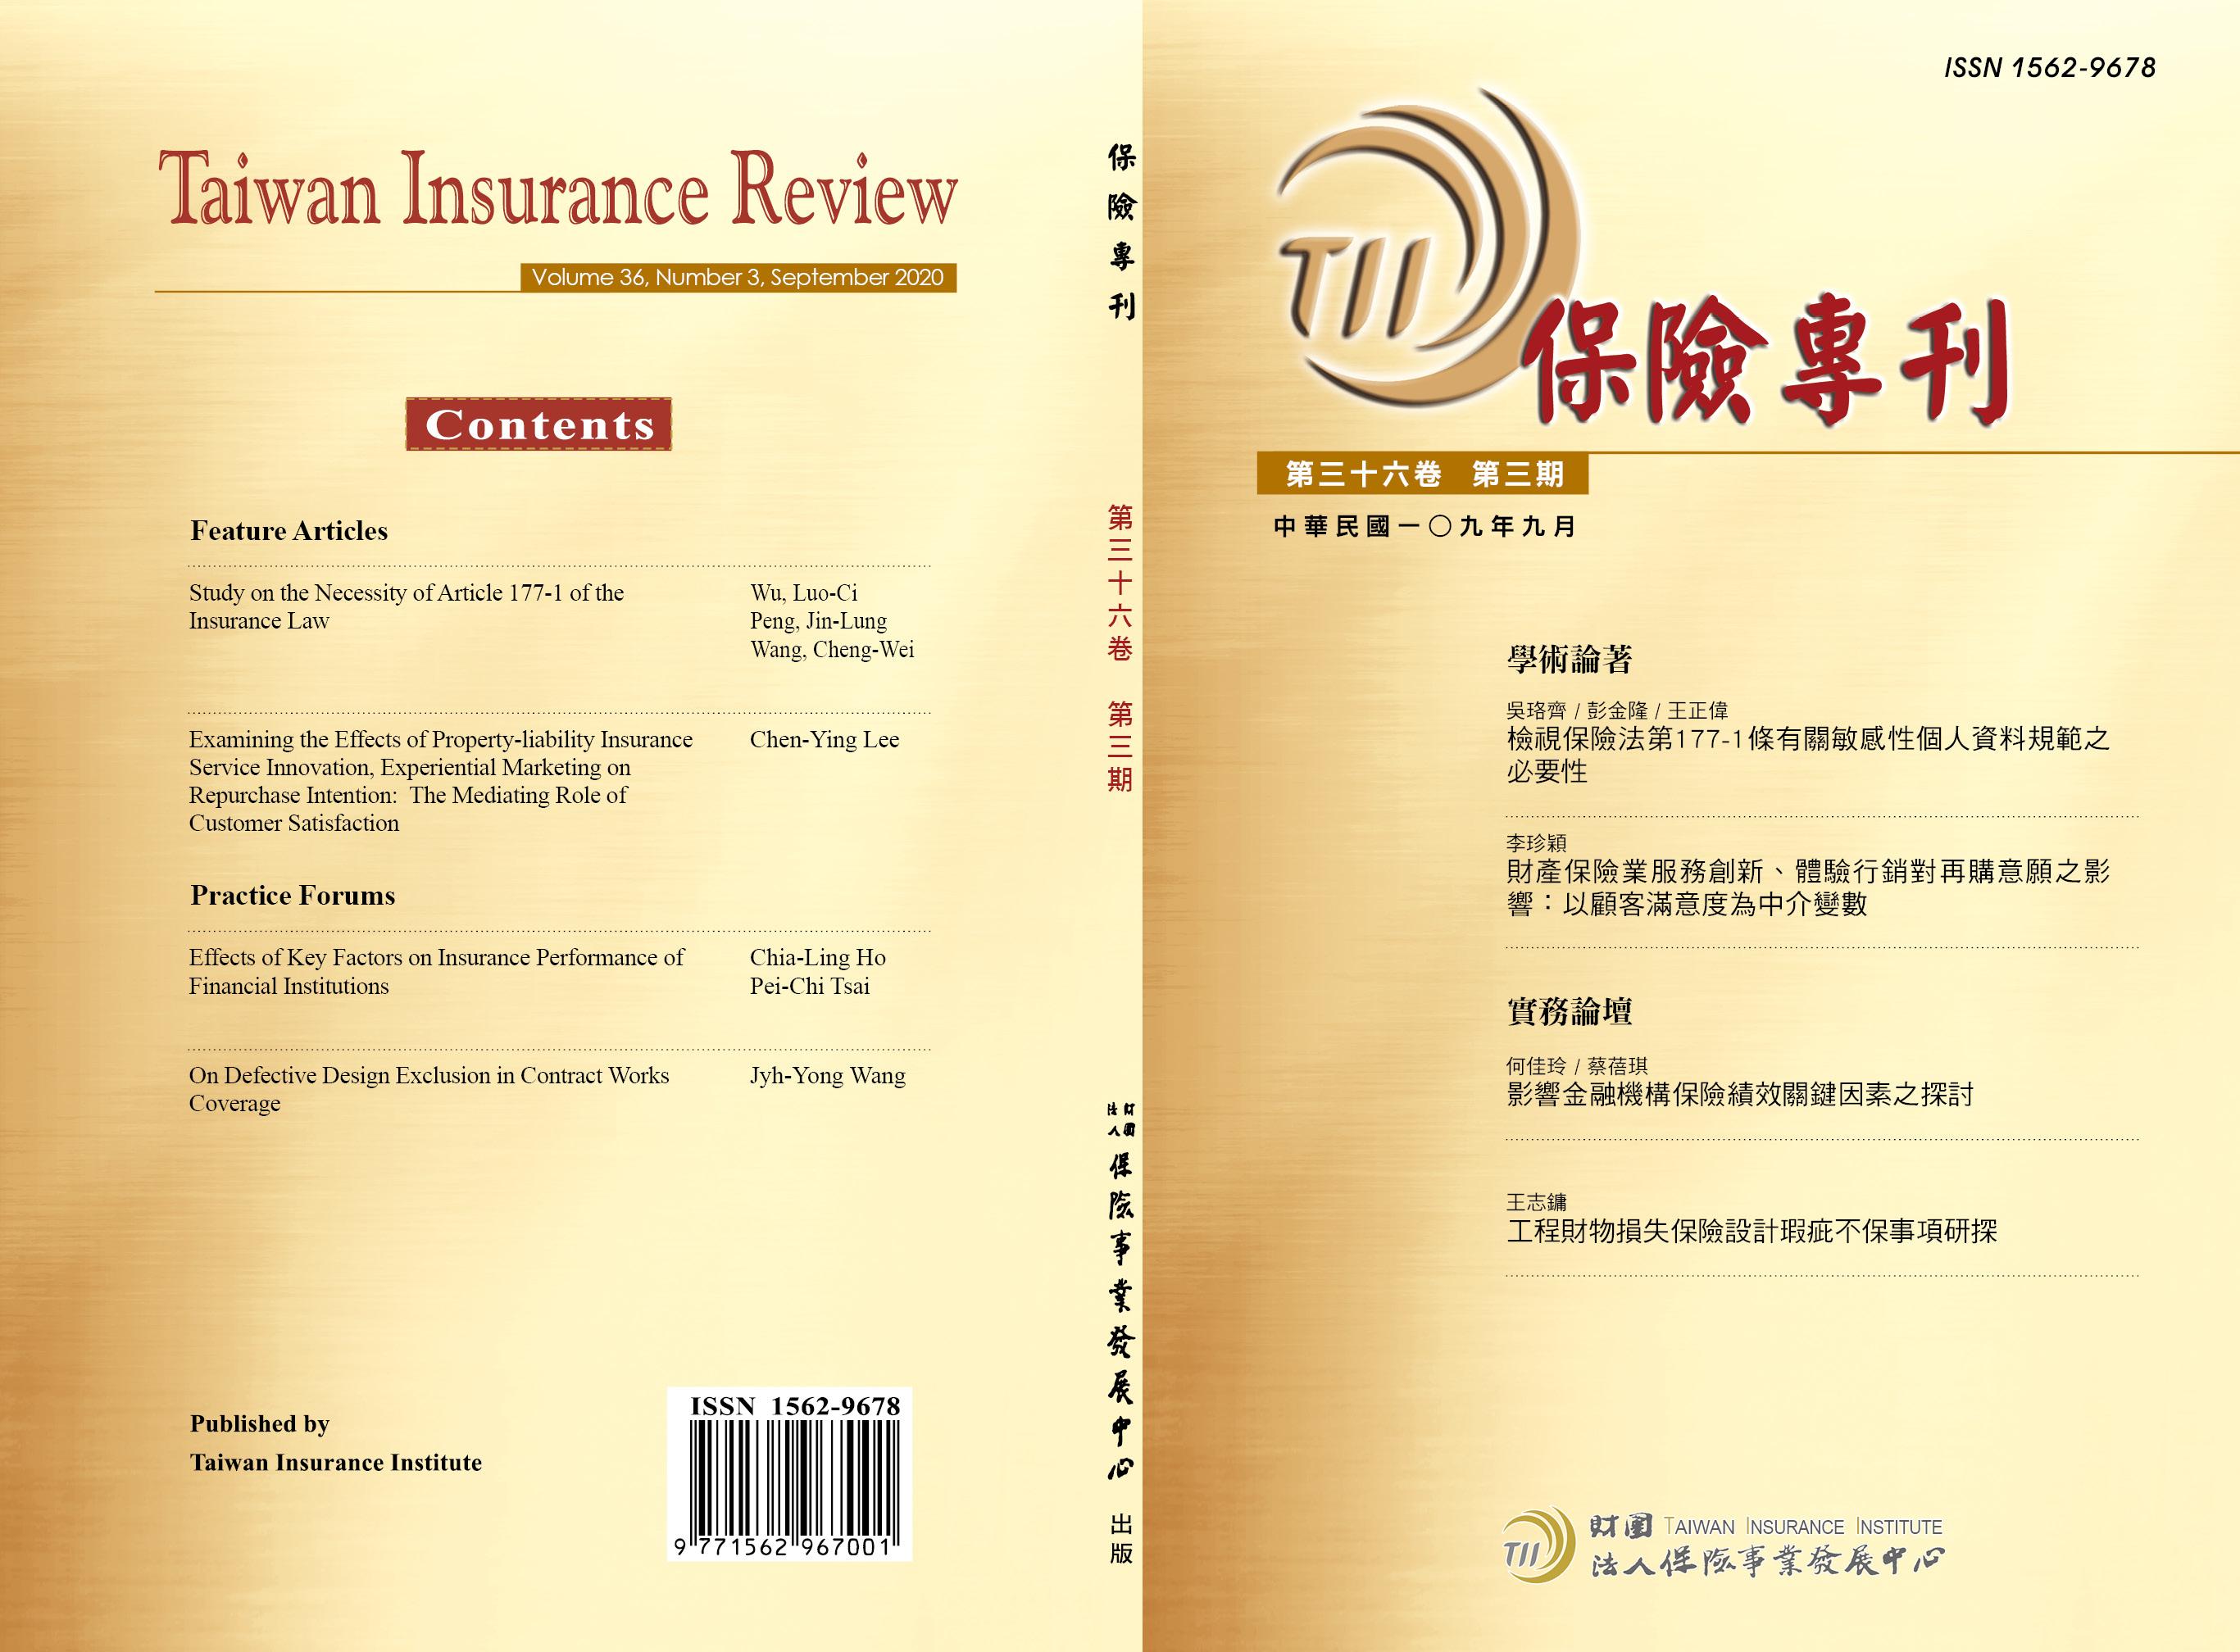 影響金融機構保險績效關鍵因素之探討